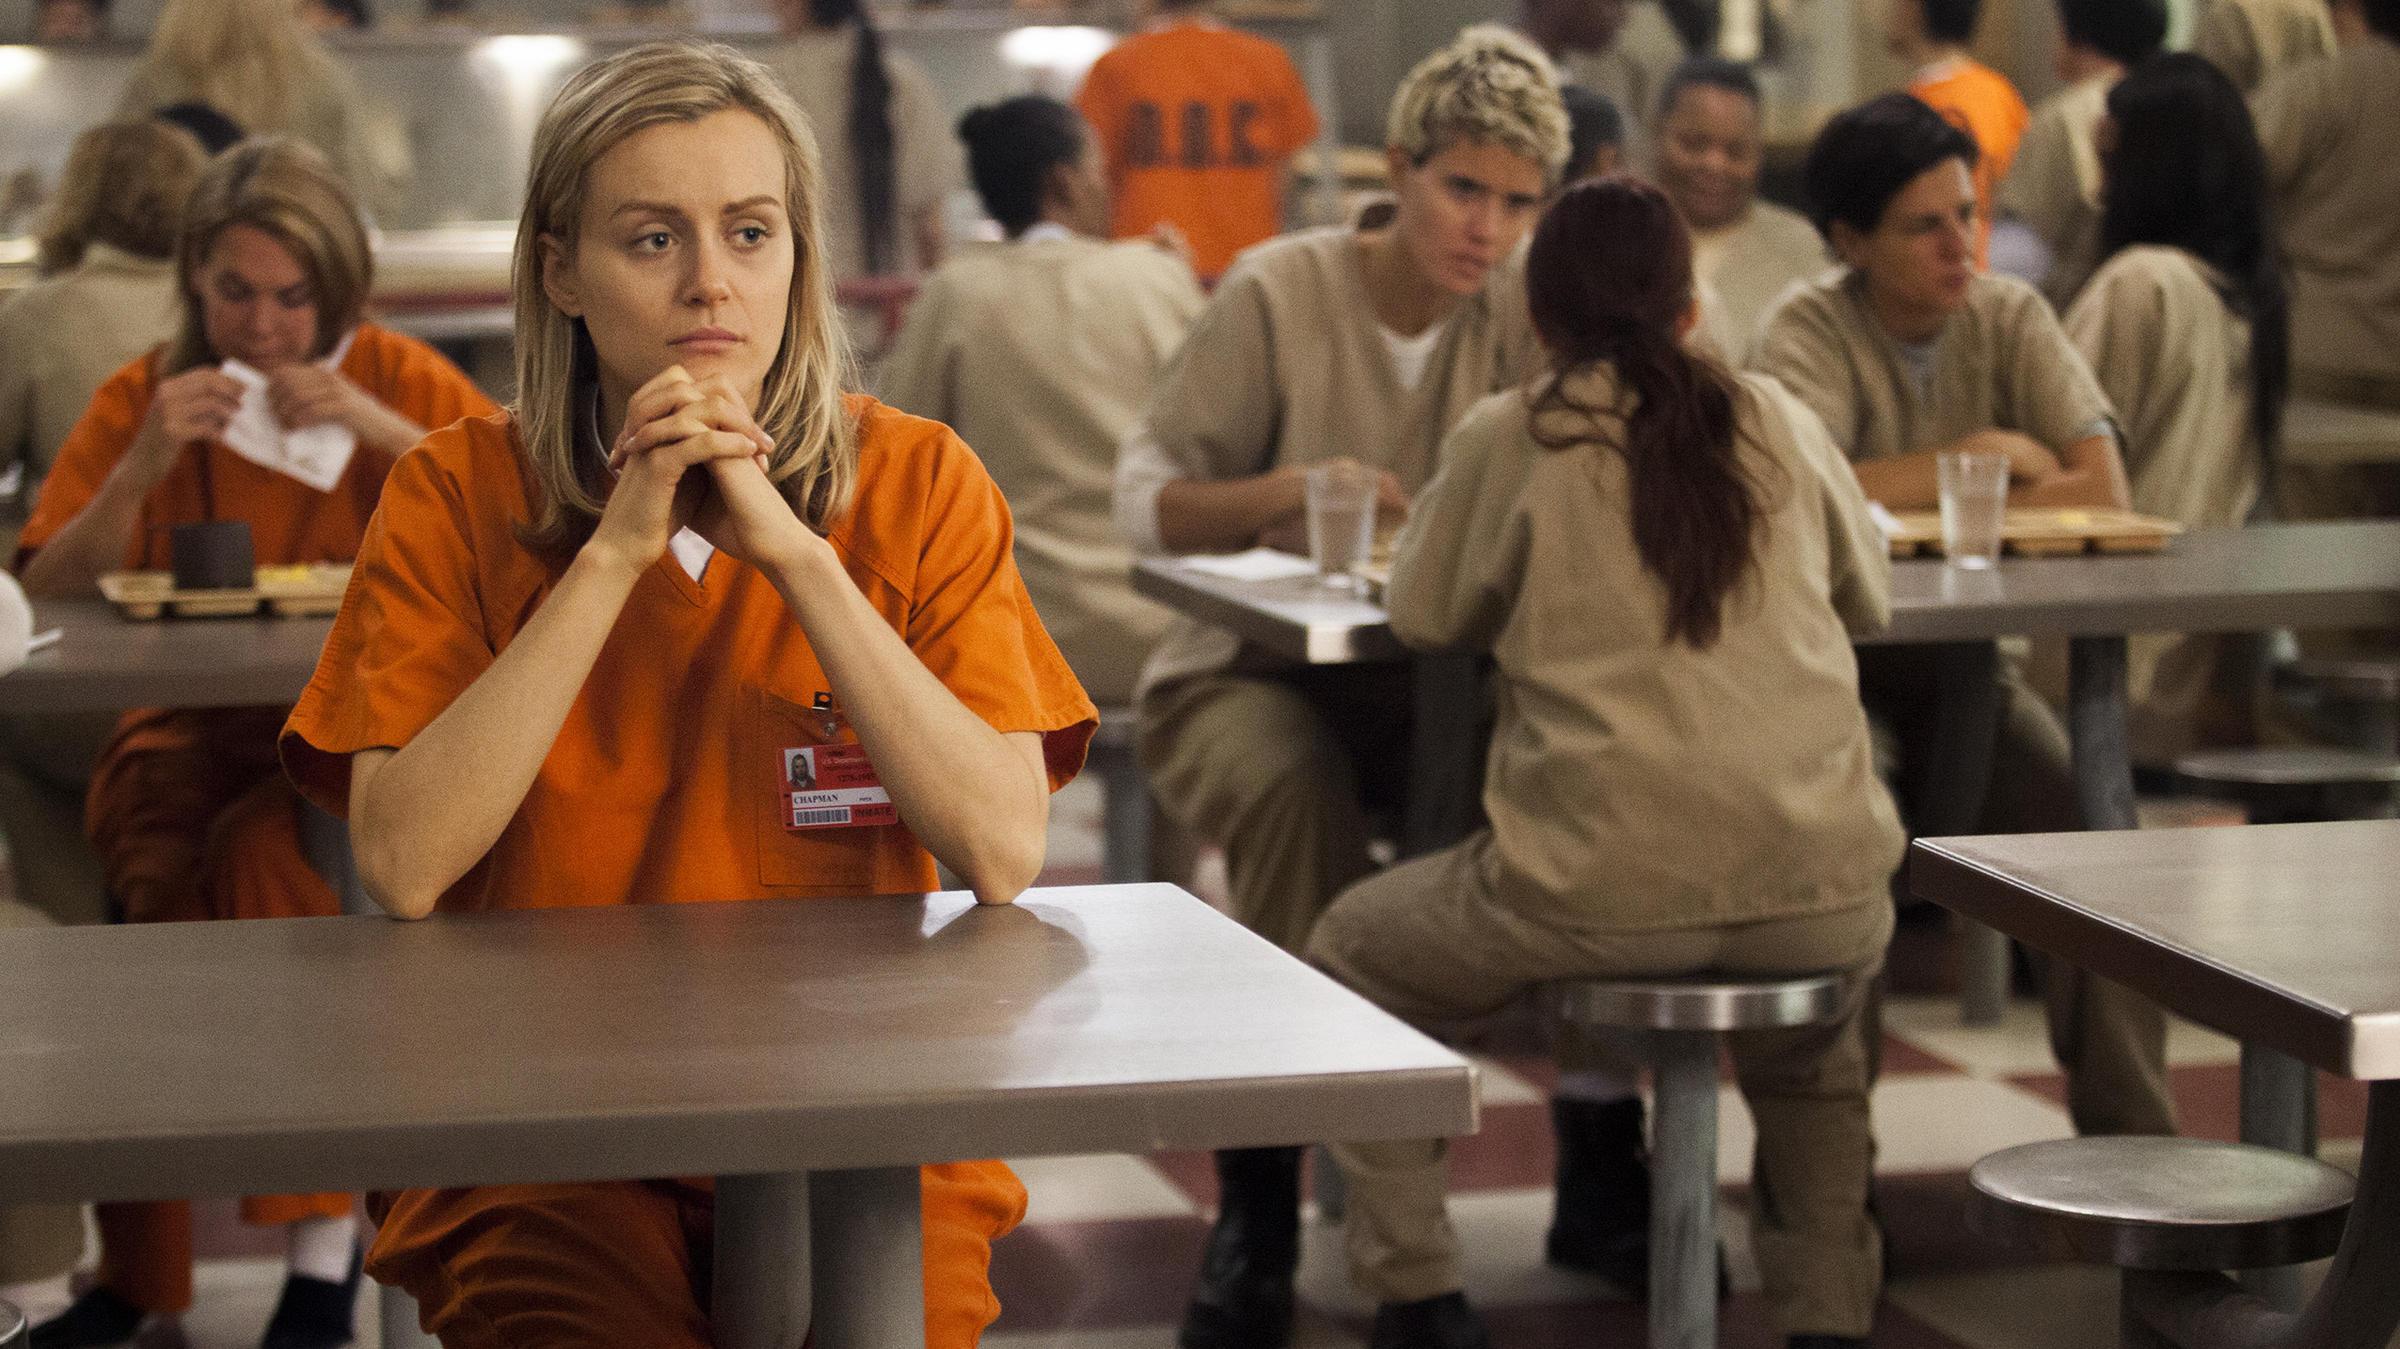 Teen girls look to peers